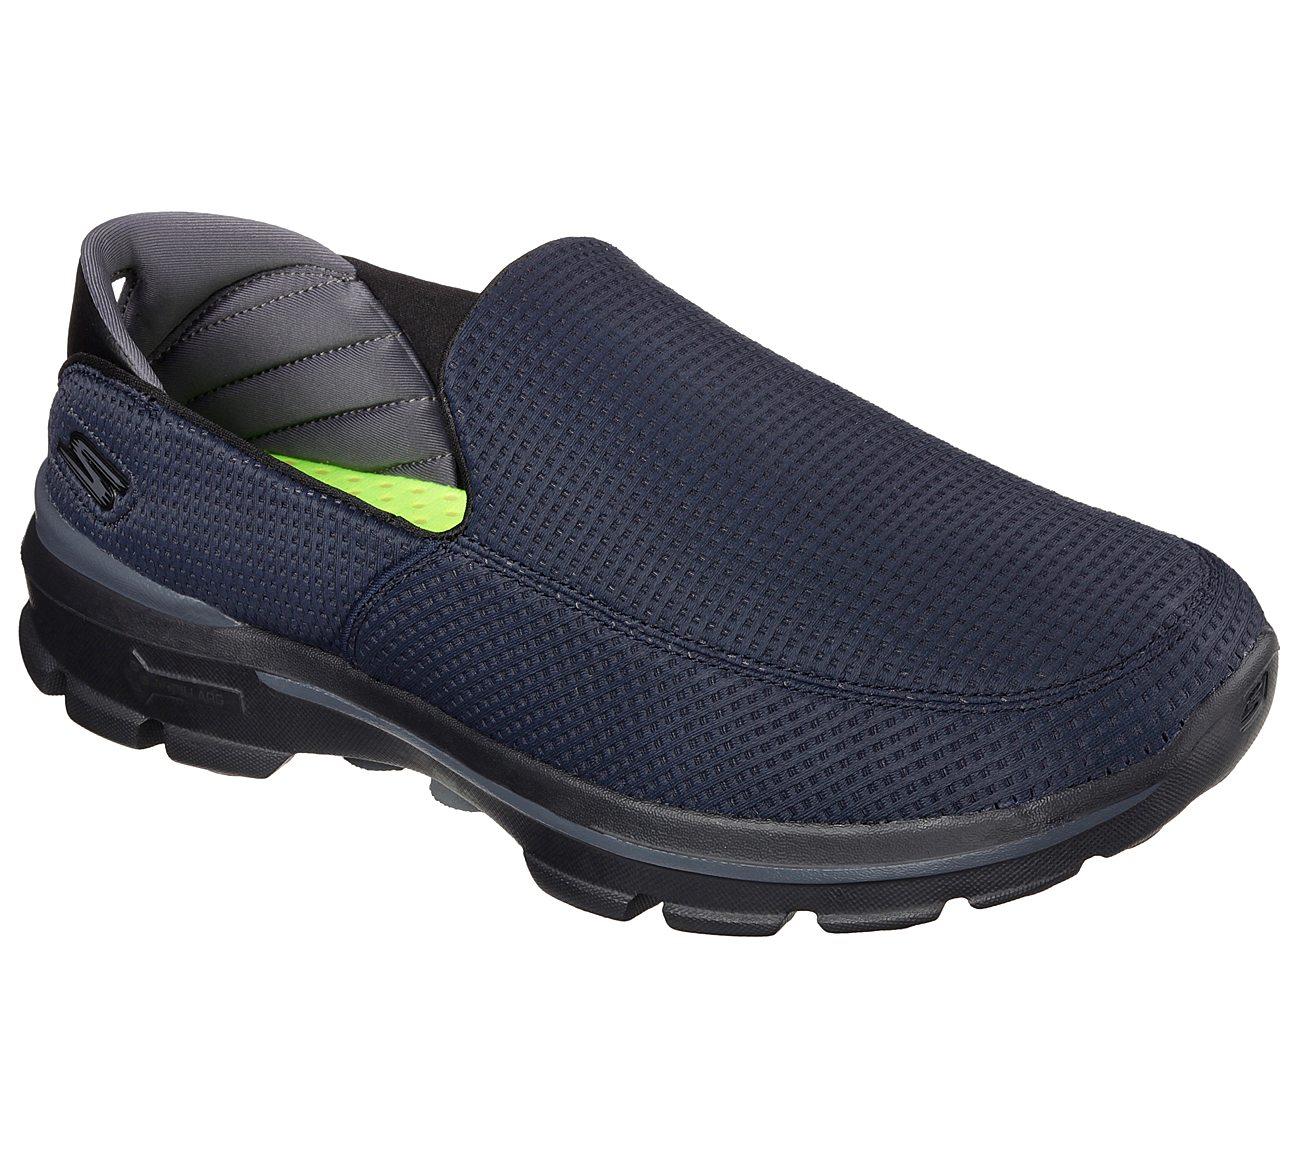 Buy SKECHERS Skechers GOwalk 3 - Unfold